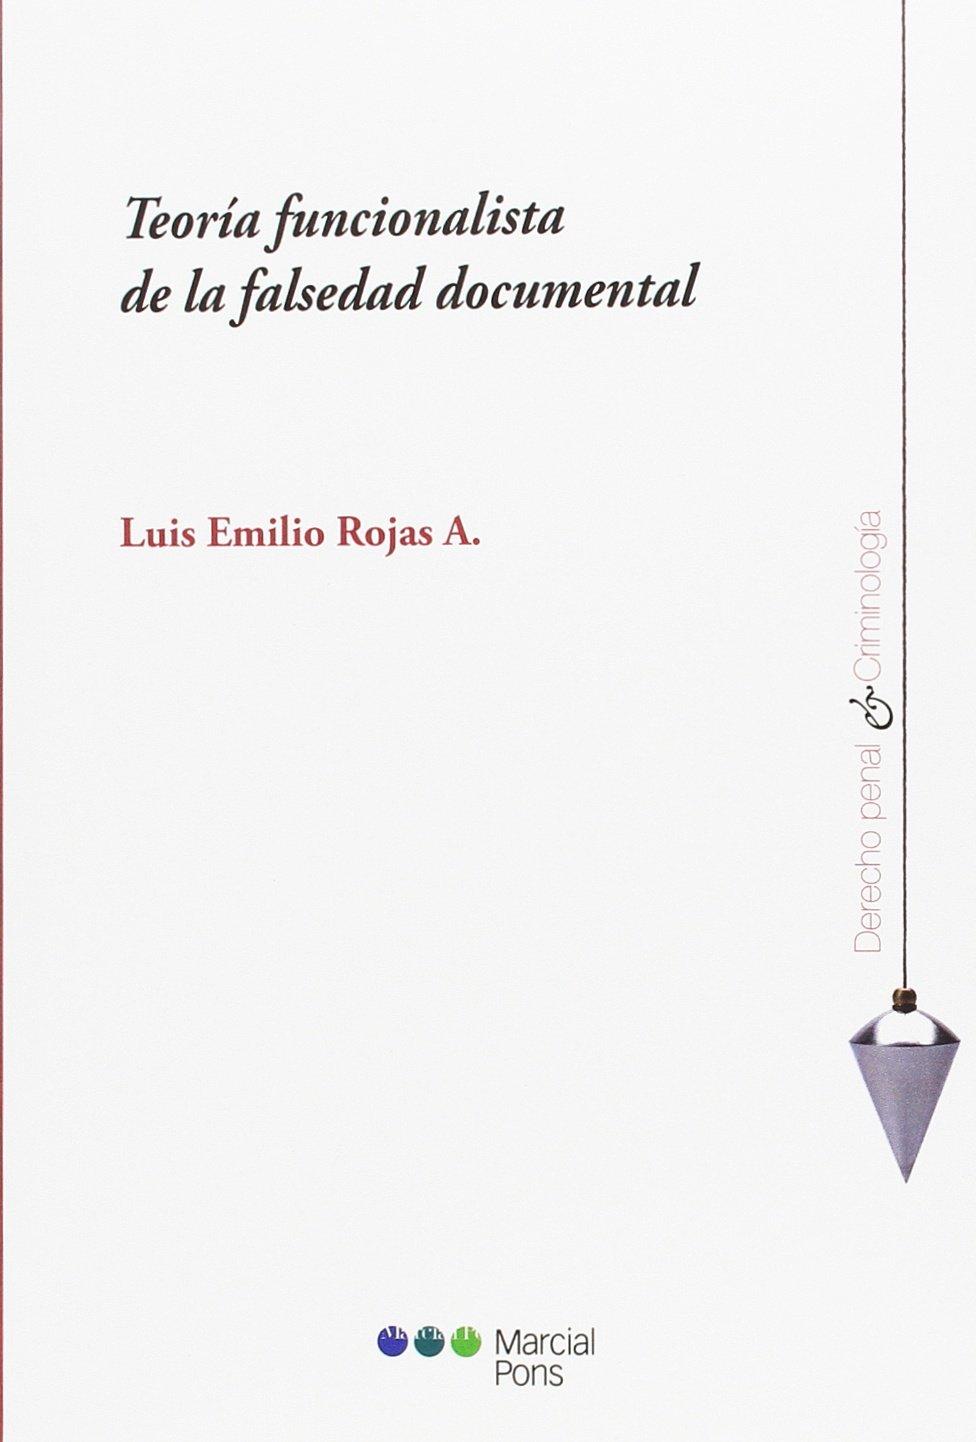 Teoría funcionalista de la falsedad documental Derecho penal y Criminología: Amazon.es: Rojas A., Luis Emilio: Libros